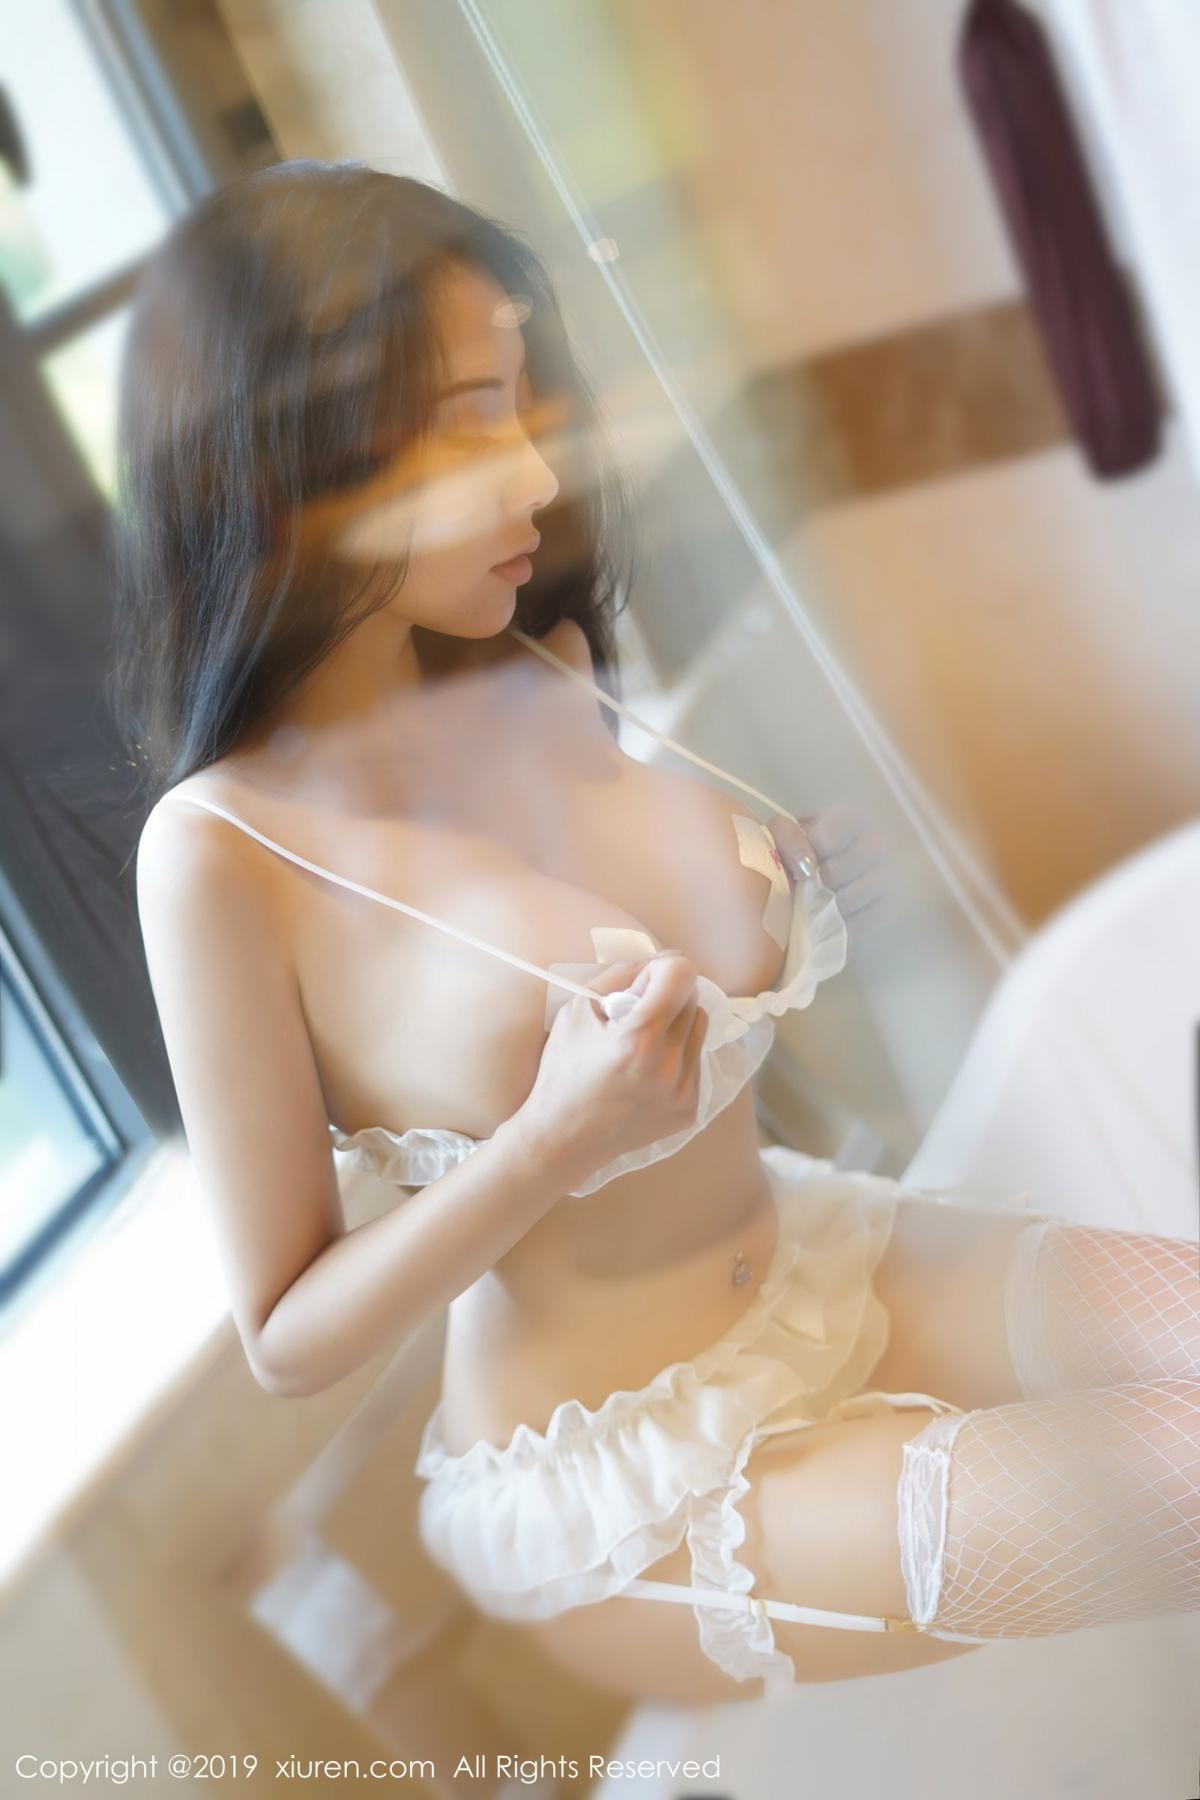 [XiuRen] Vol.1786 Song Guo Er 7P, Bathroom, Mature, Song Guo Er, Underwear, Xiuren